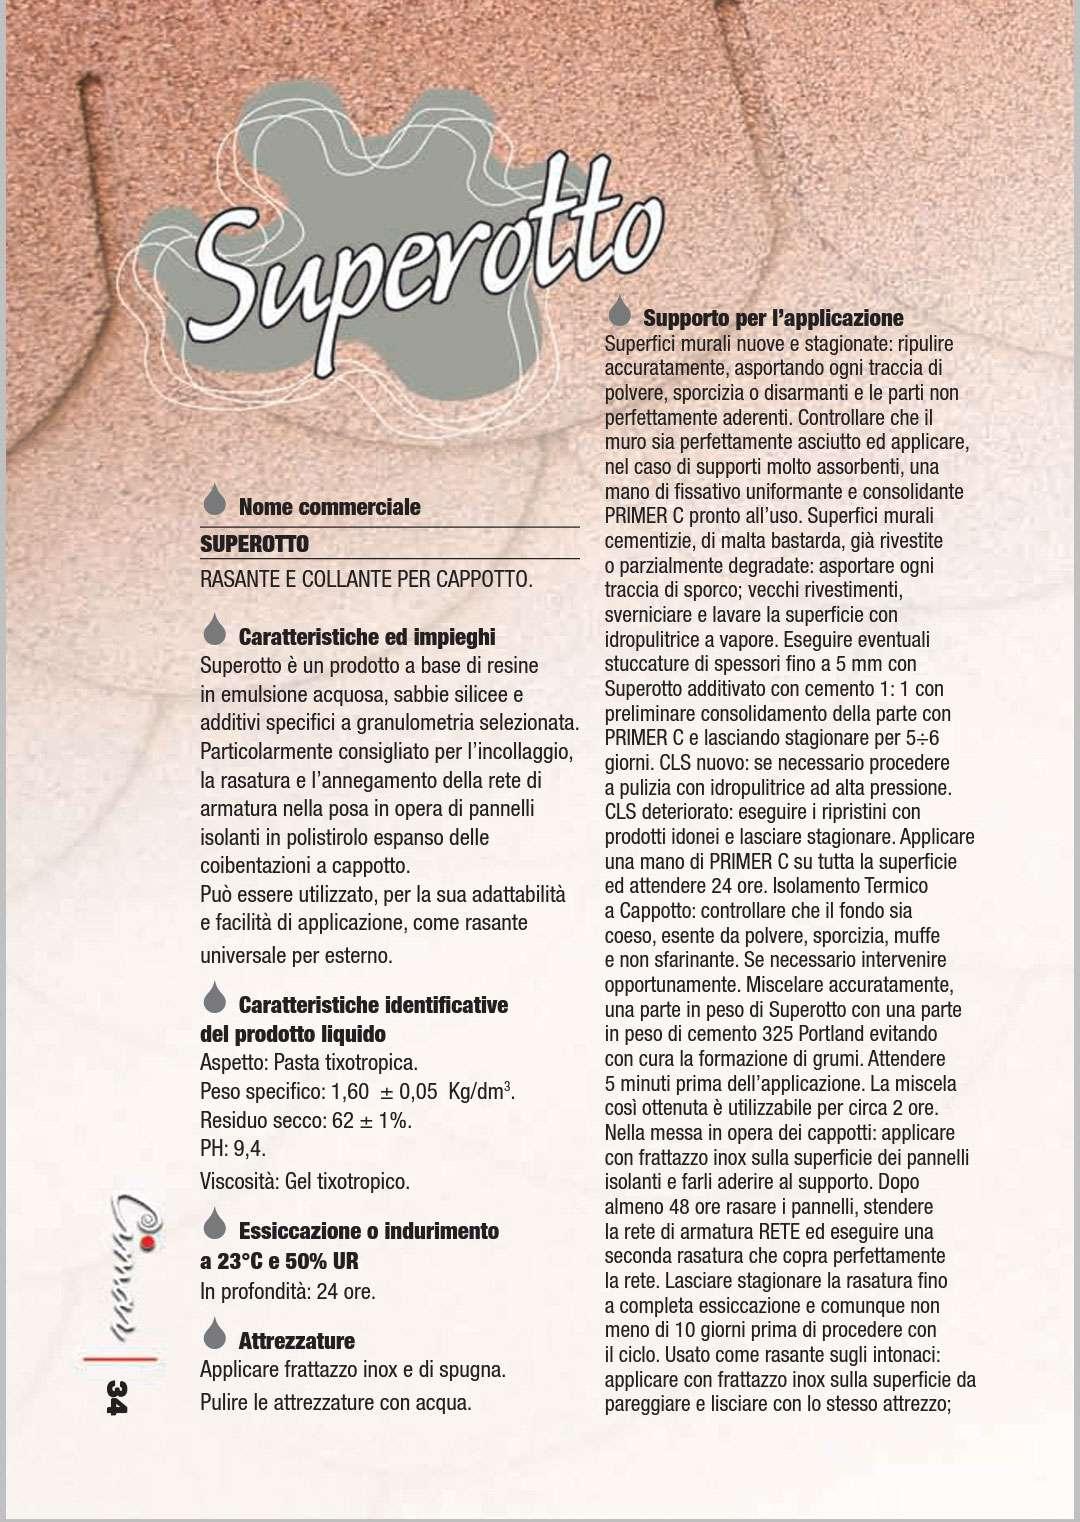 CIM-SUPEROTTO_collante_per_cappotto